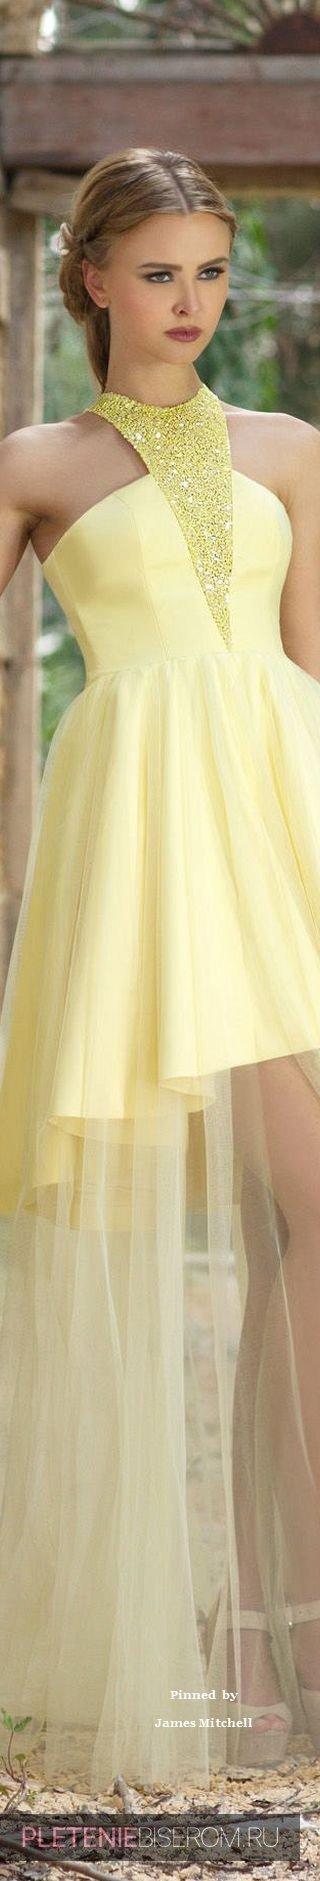 Желтое платье с вставками из бисера